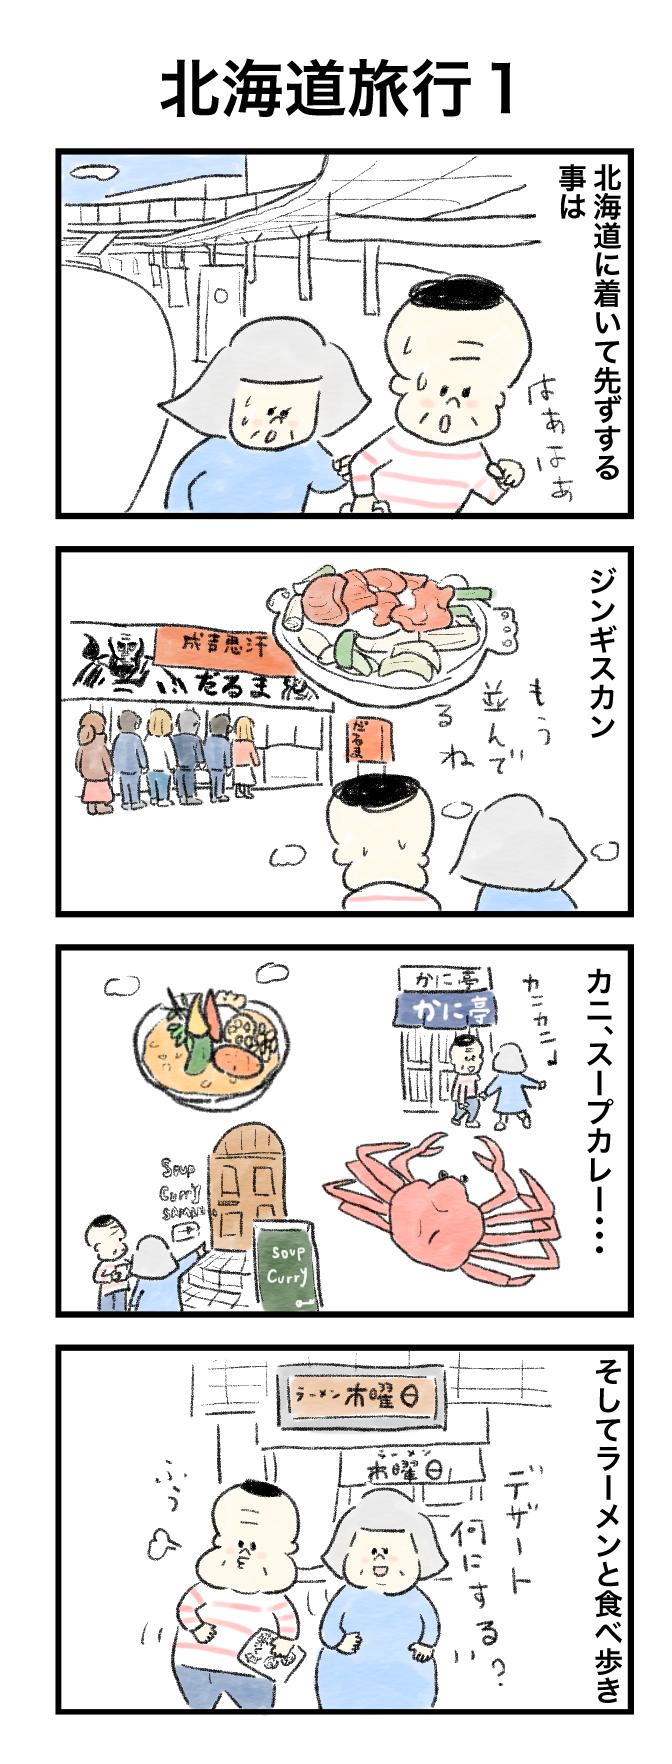 今日の泉谷さん【55】 作:カワサキヒロシ「北海道旅行1」